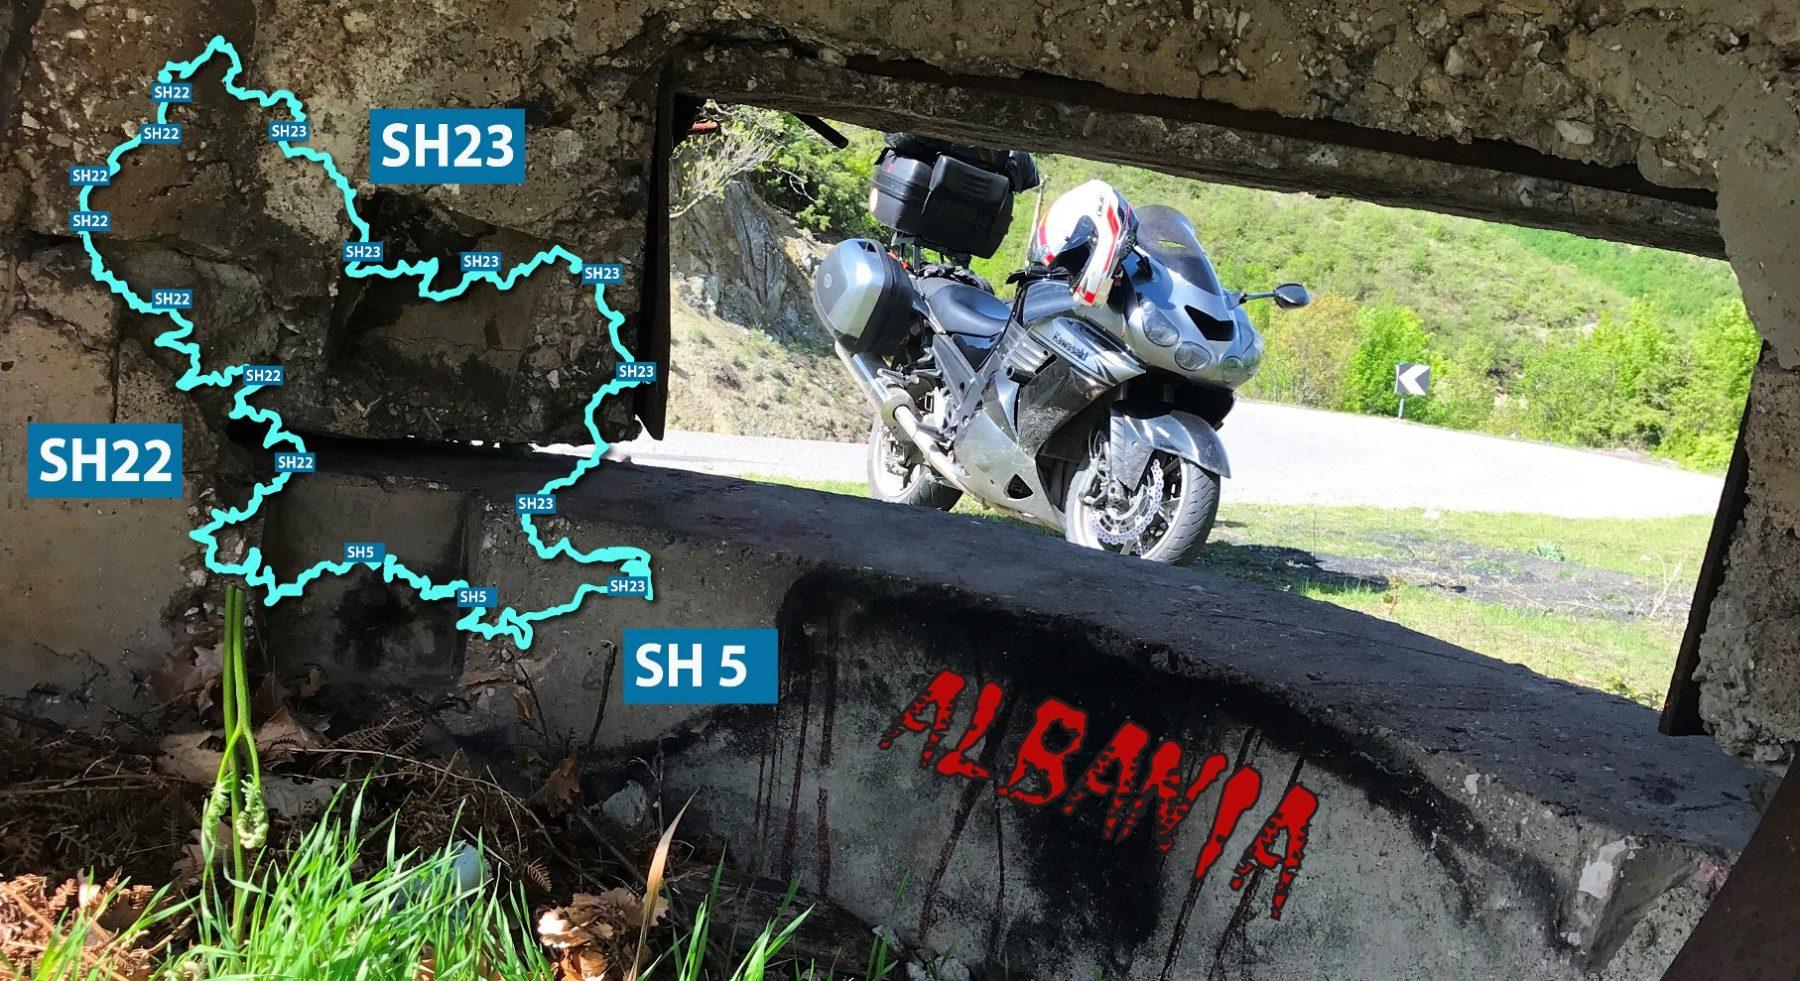 Шосета SH22 и SH23 - обиколката на езерото Фиерза